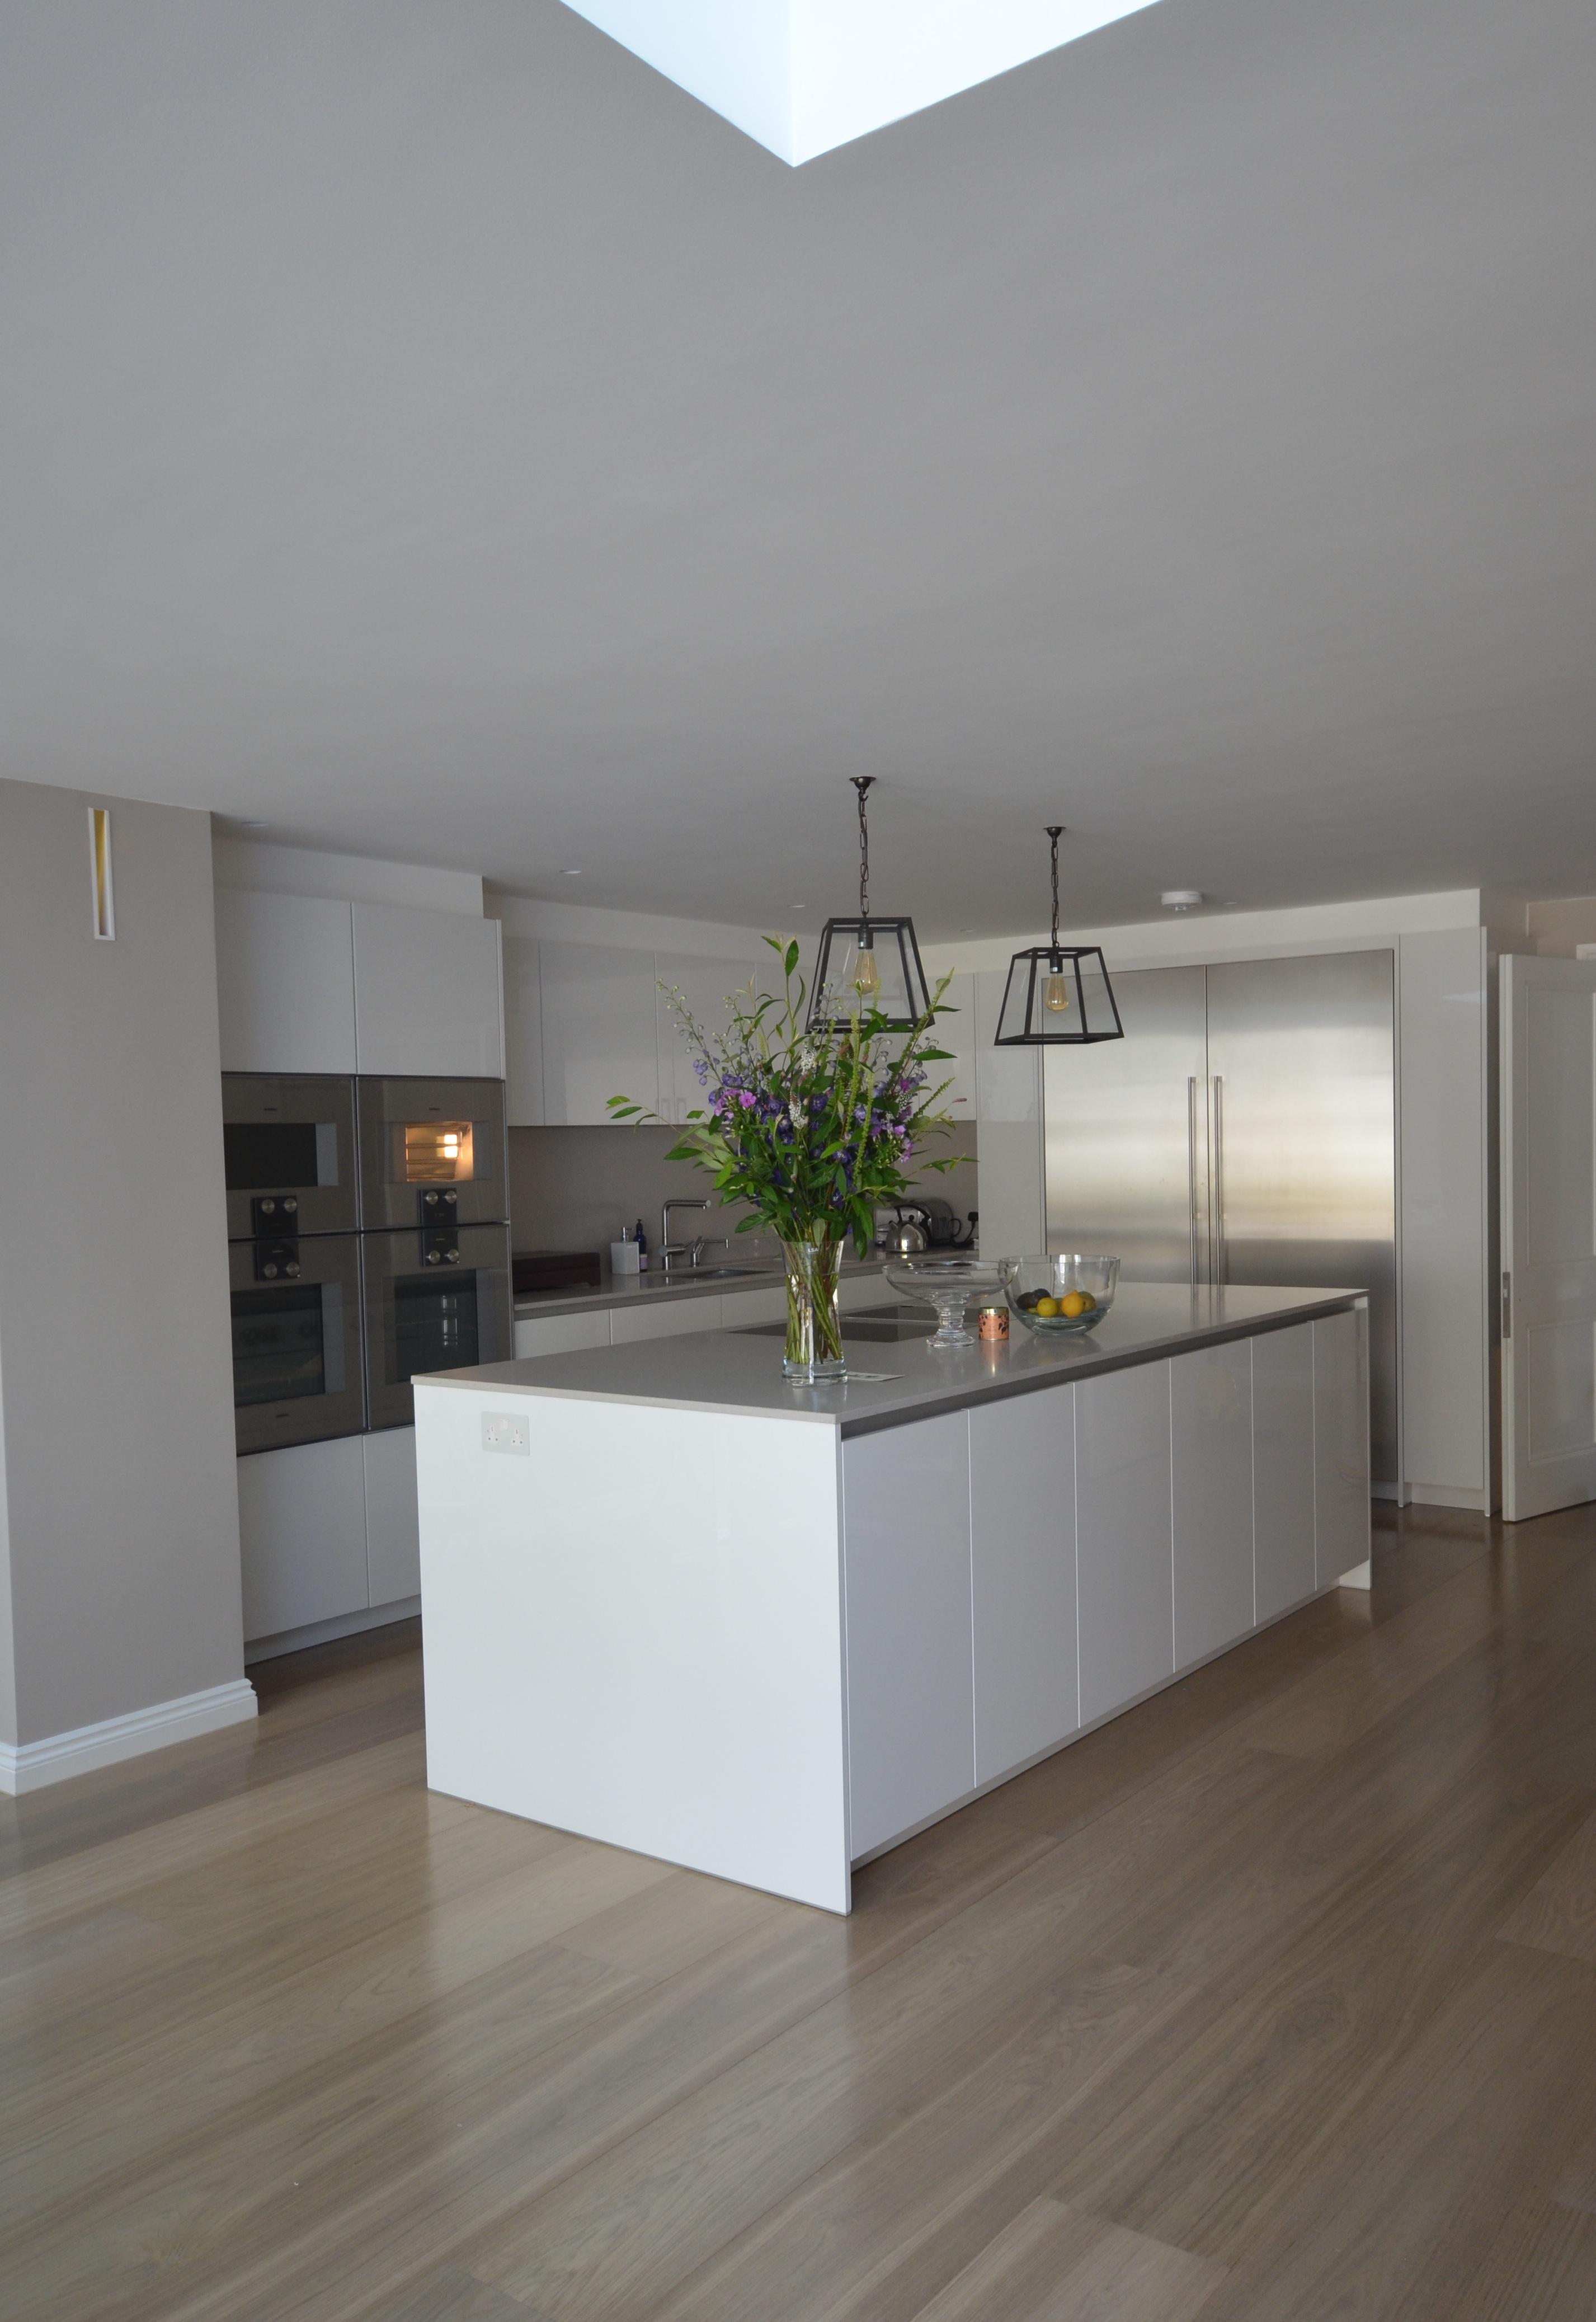 W8 Sheen Kitchen Design